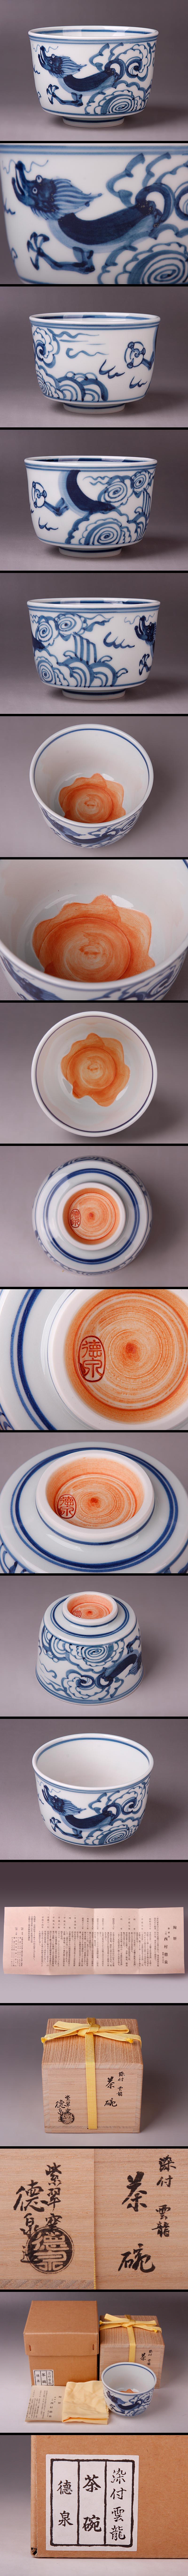 【骨董】三代西村徳泉 染付雲龍茶碗 共箱 本物保証 茶道具nyの詳細